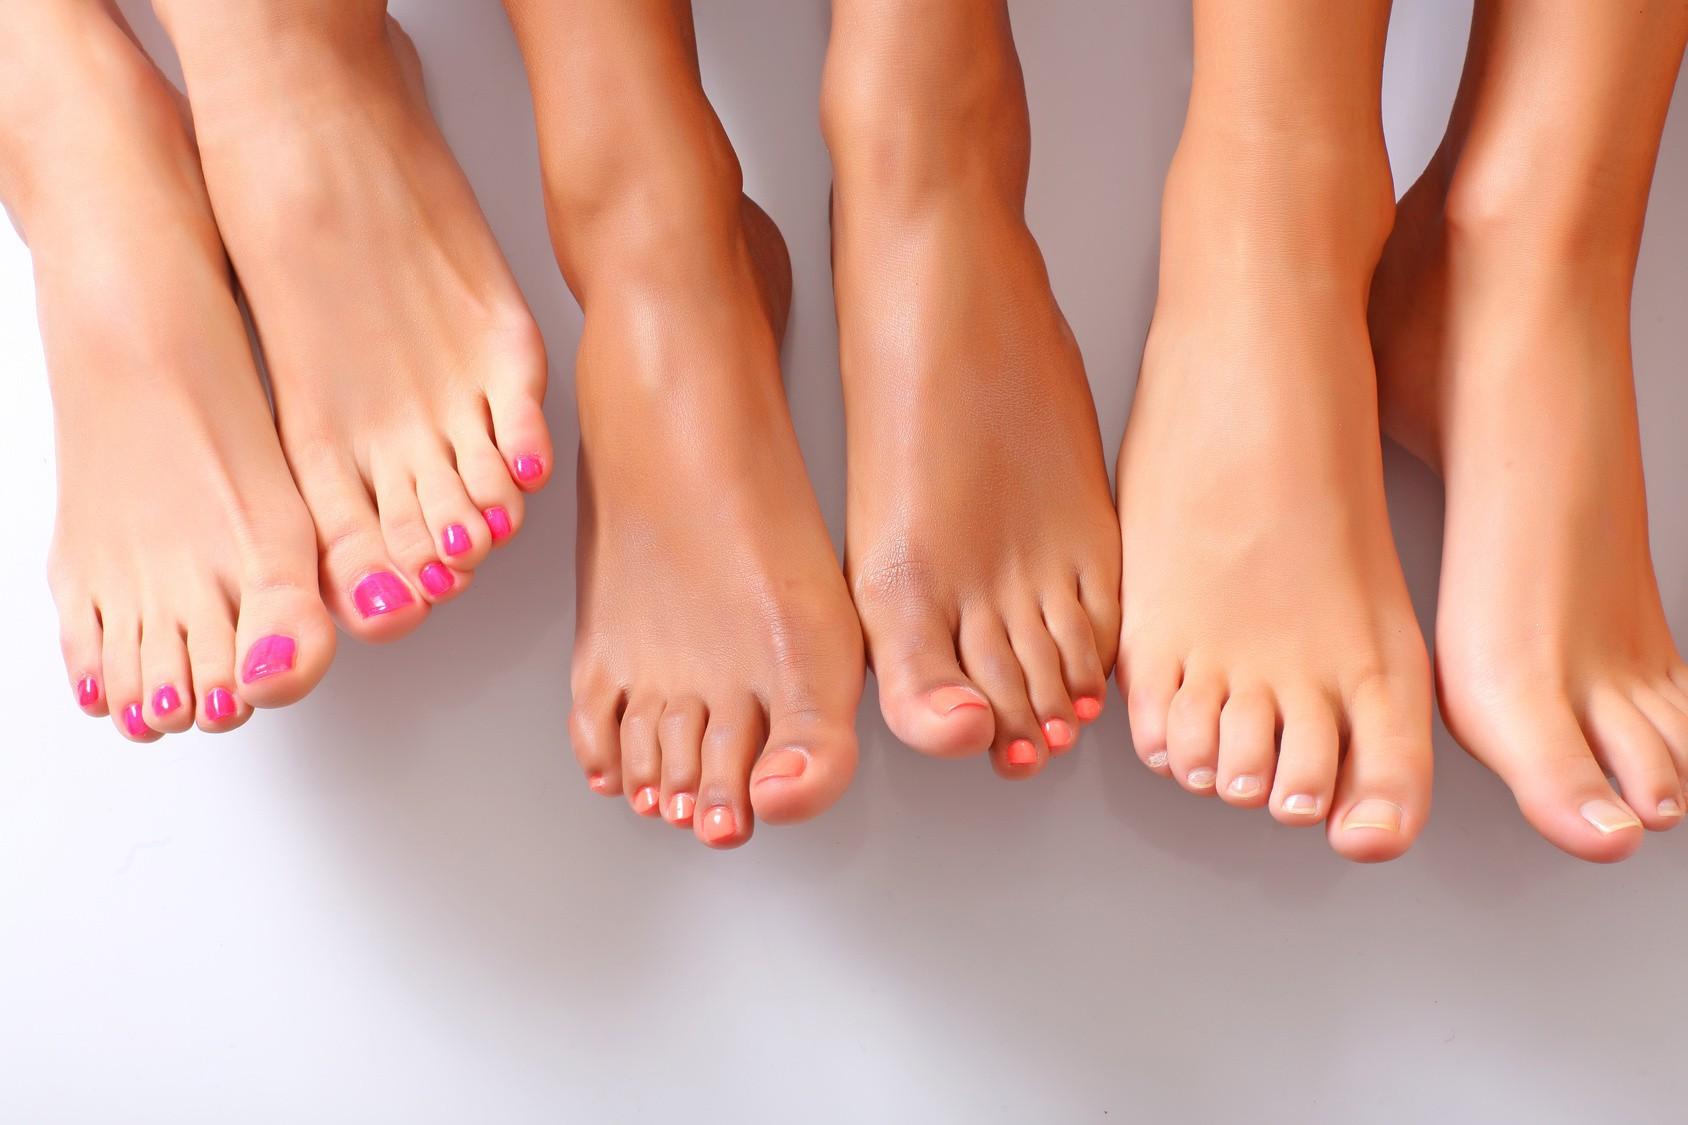 Прыщи на пальцах ног